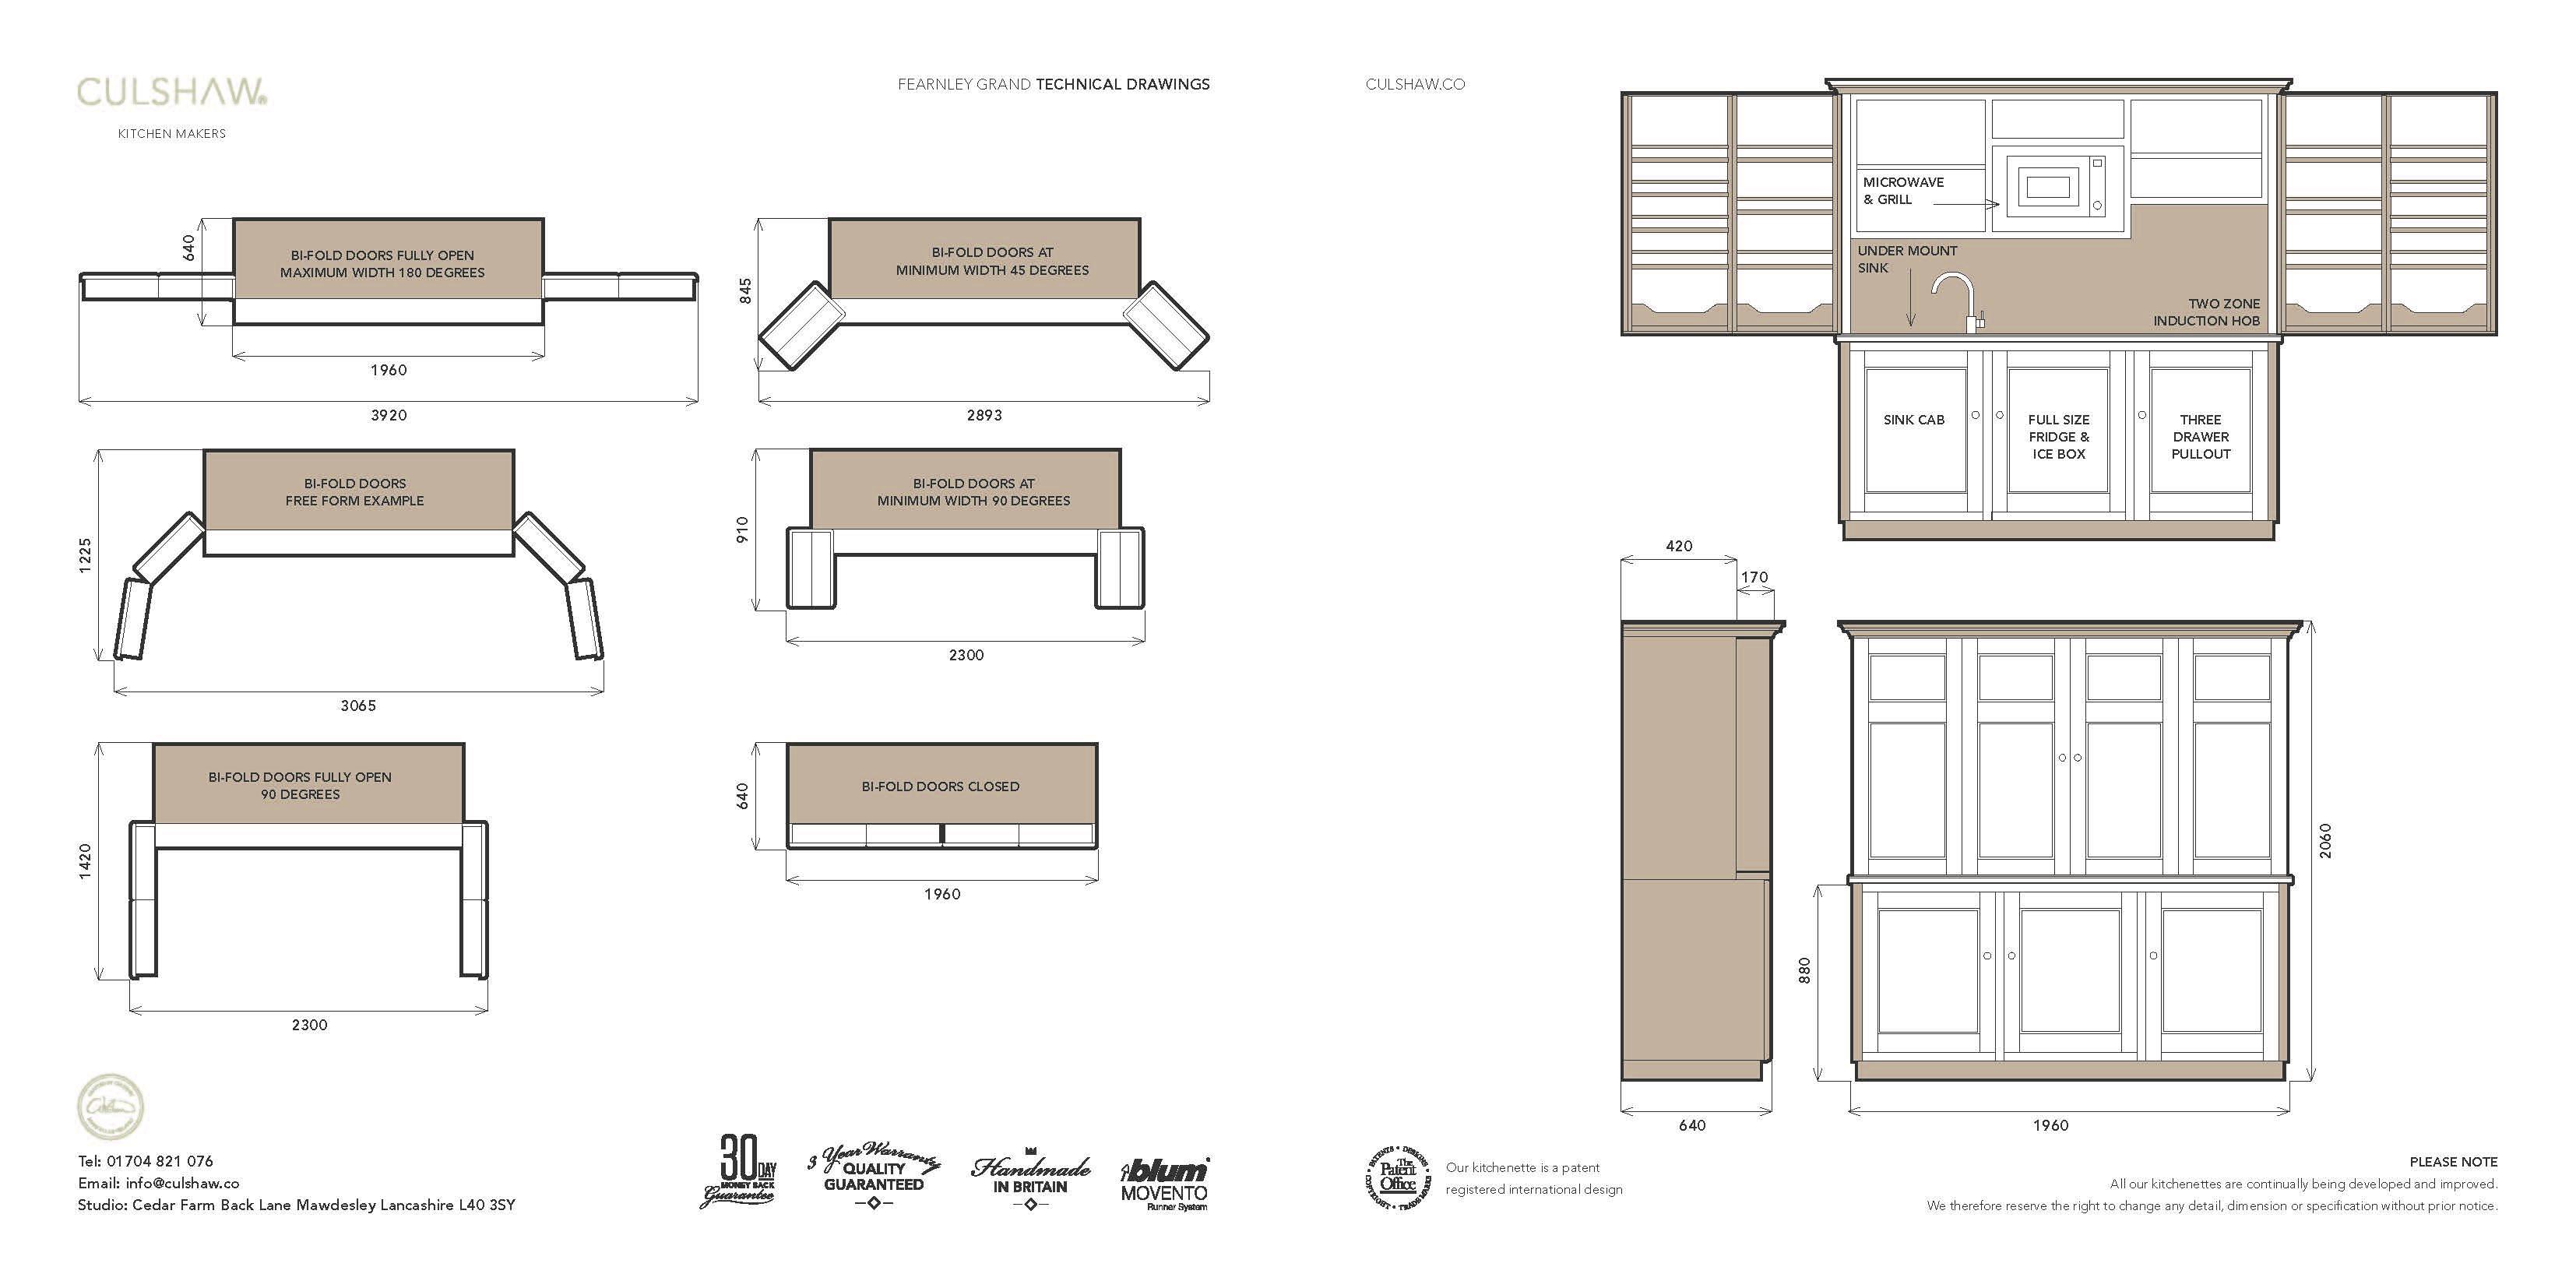 Come è costituita la cucina-armadio / Fuente: culshaw